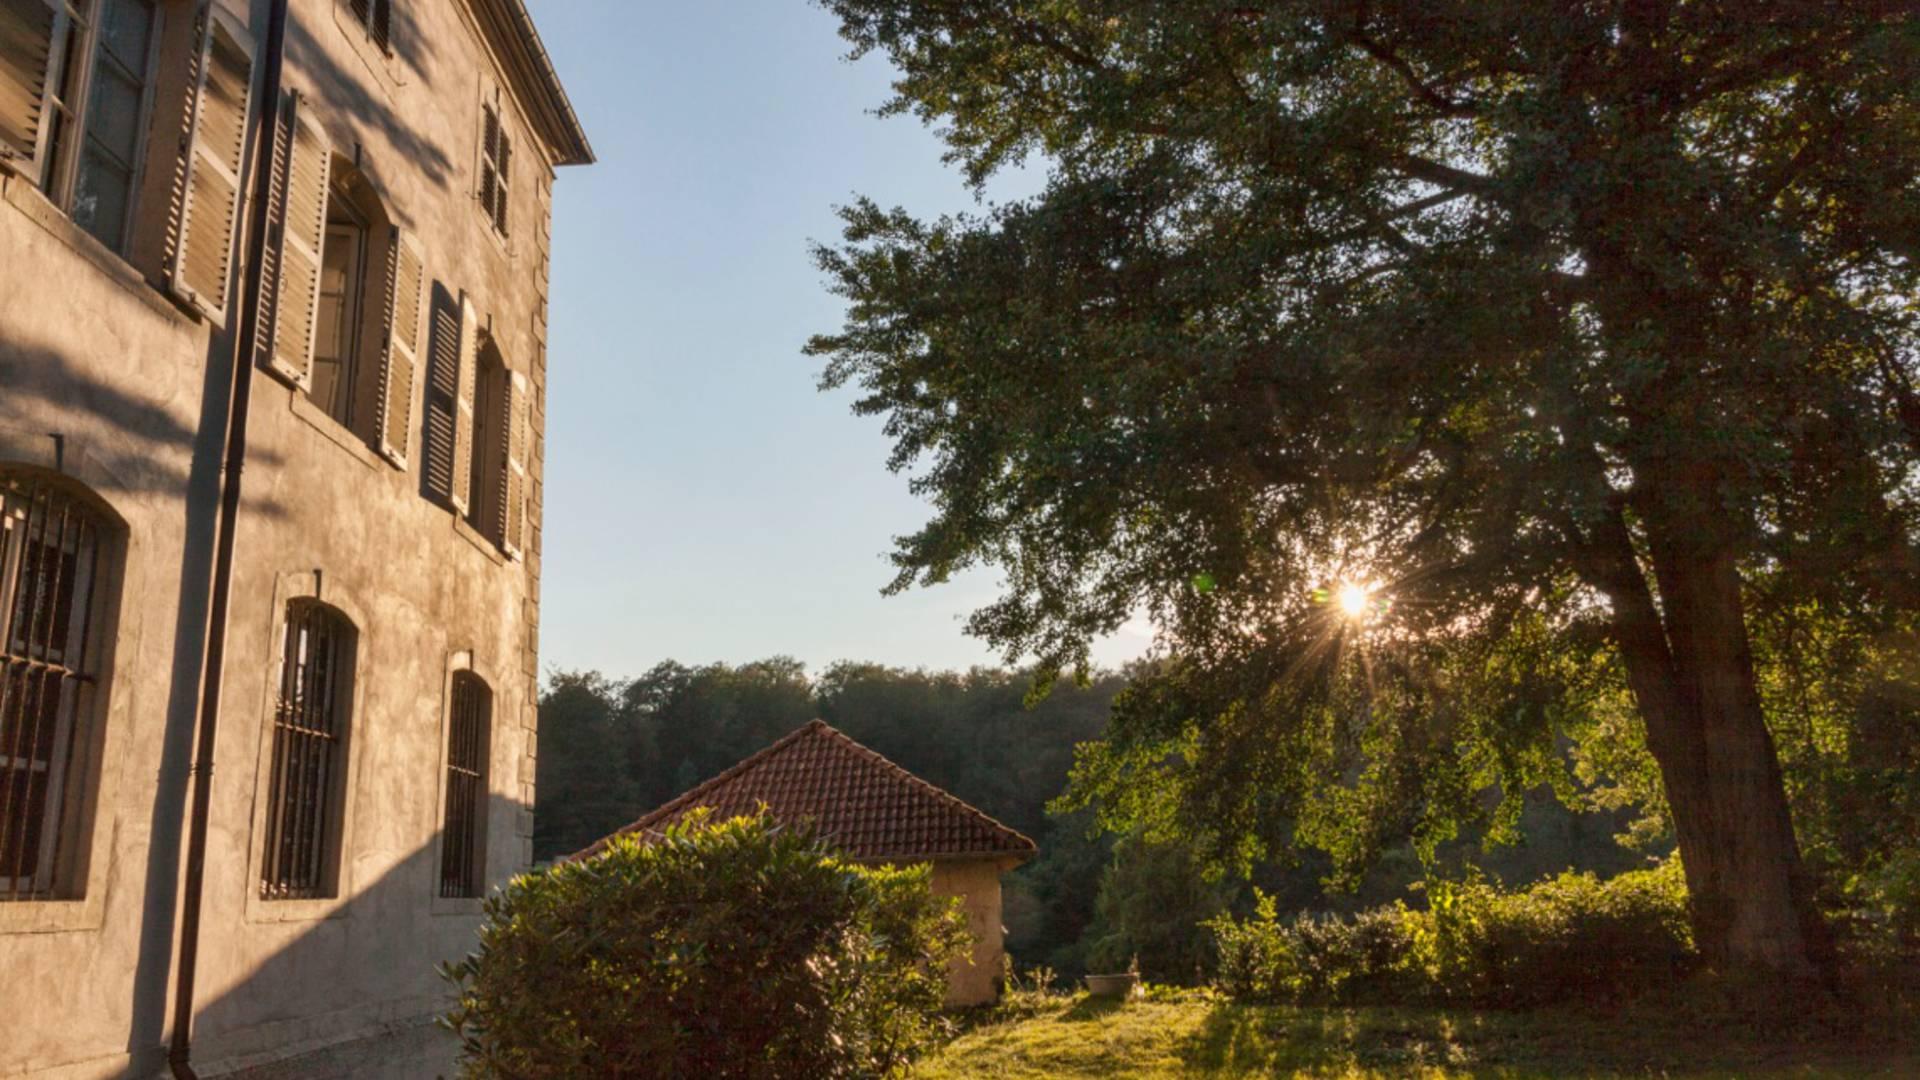 Manufacture Royale de Bains les Bains - Heritage Bains les Bains - Guided tour - Spa treatment - Spa accommodation